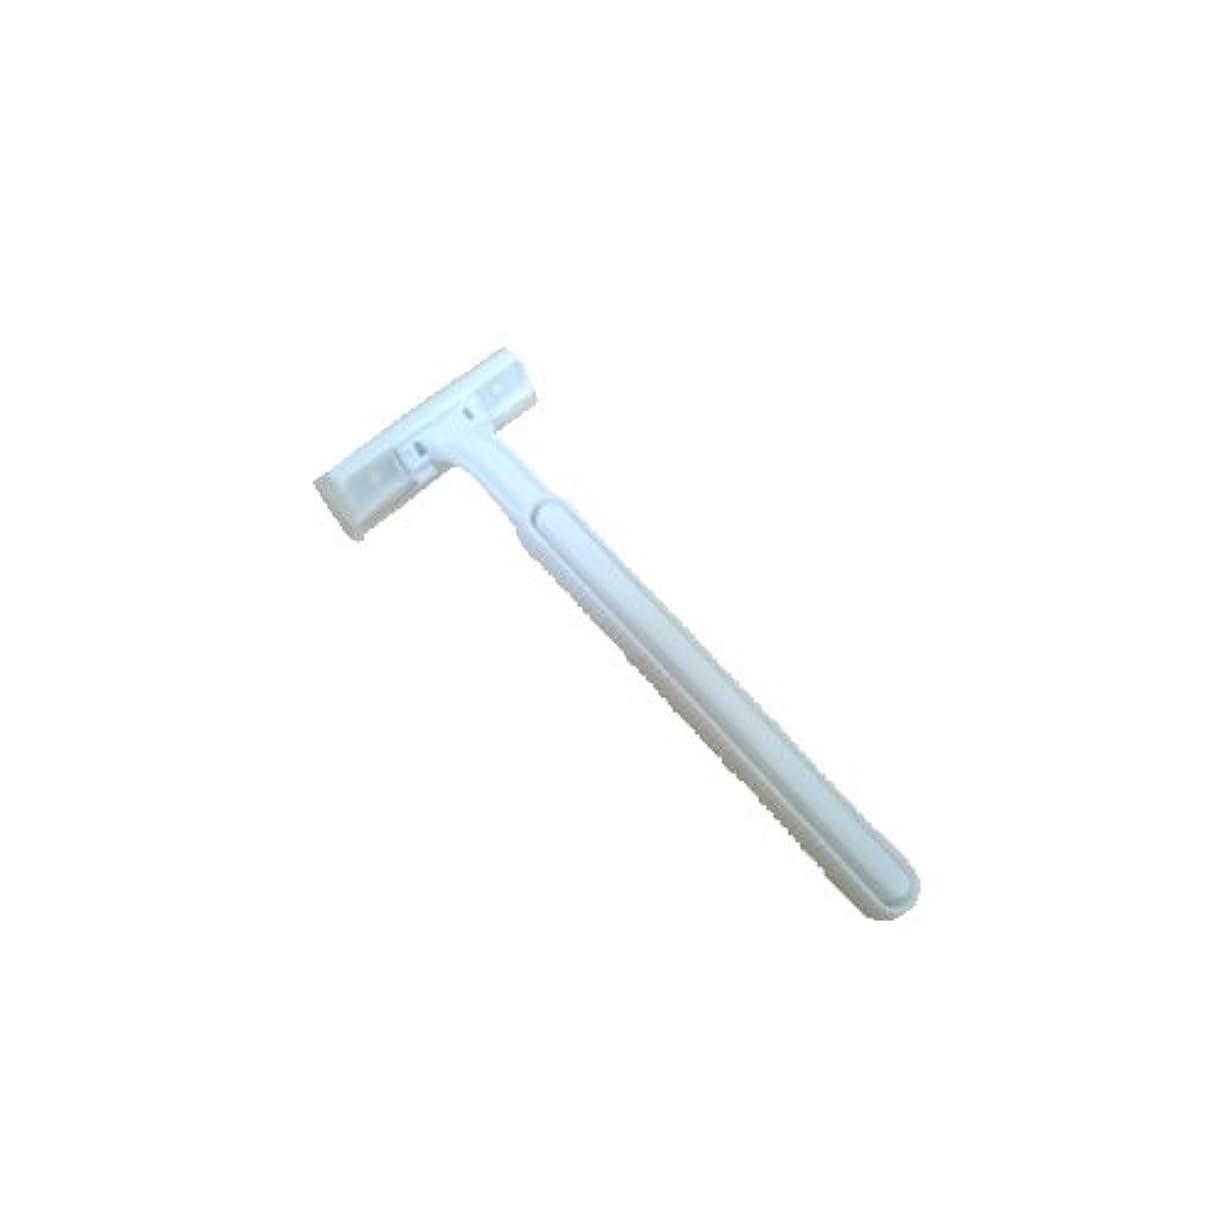 ホテル 業務用 使い捨てカミソリ 2枚刃 × 500個セット (SWE-01)